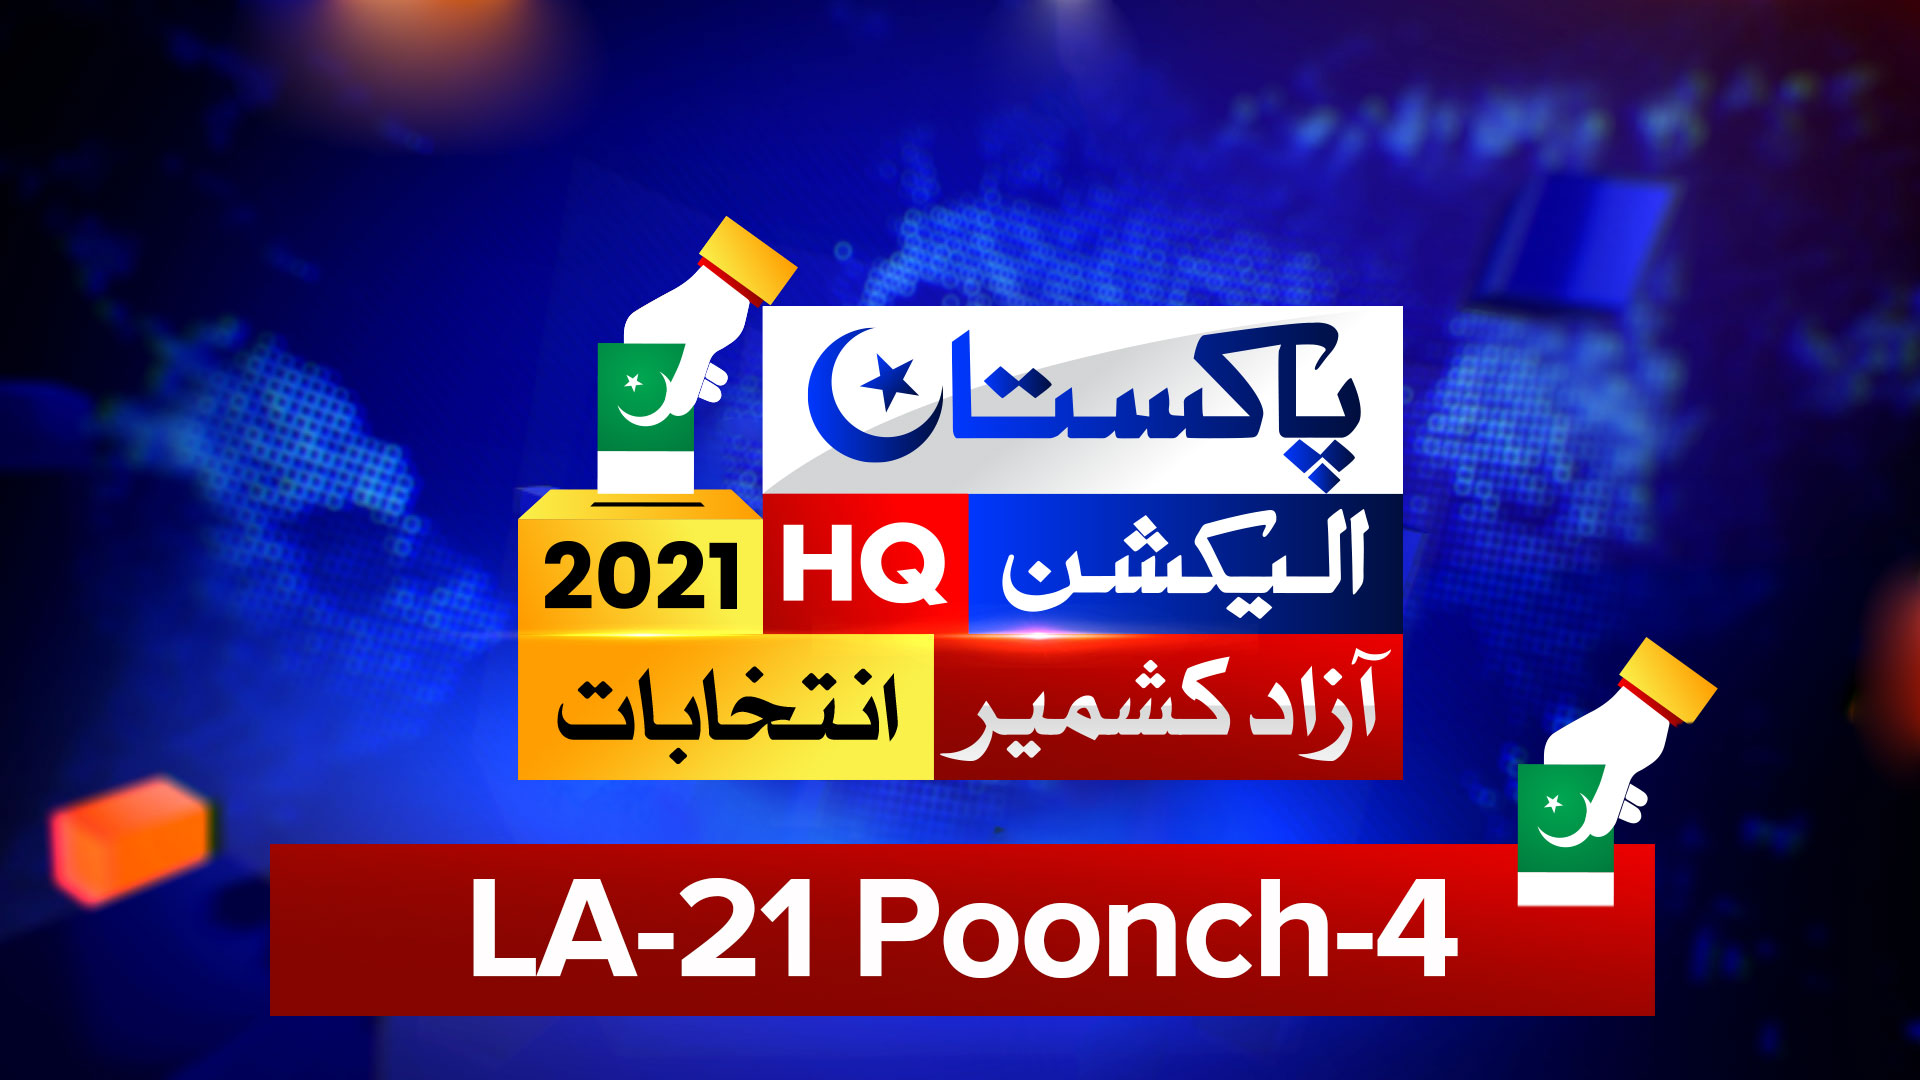 LA-21-Poonch-4